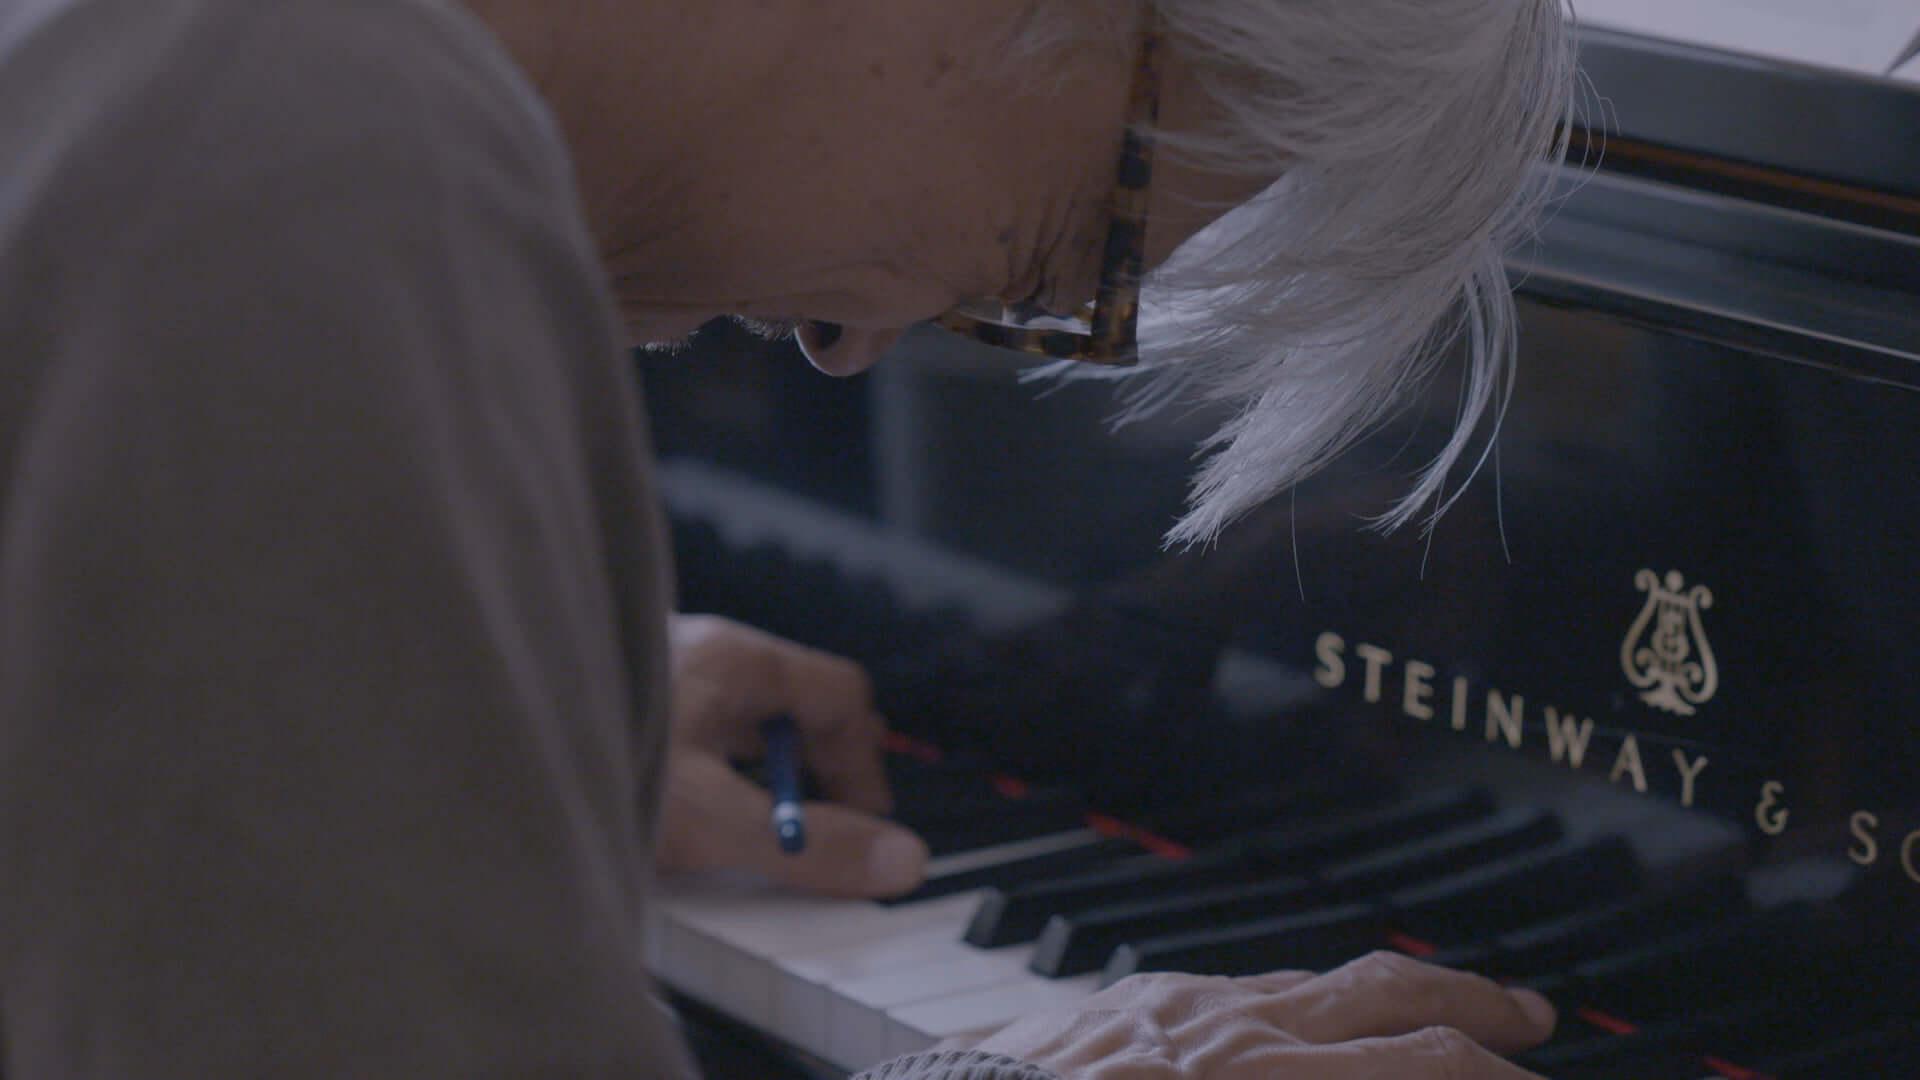 坂本龍一のドキュメンタリー映画『Ryuichi Sakamoto: CODA』がYouTubeにて期間限定で無料配信決定! film200520_ryuichisakamoto_coda_2-1920x1080